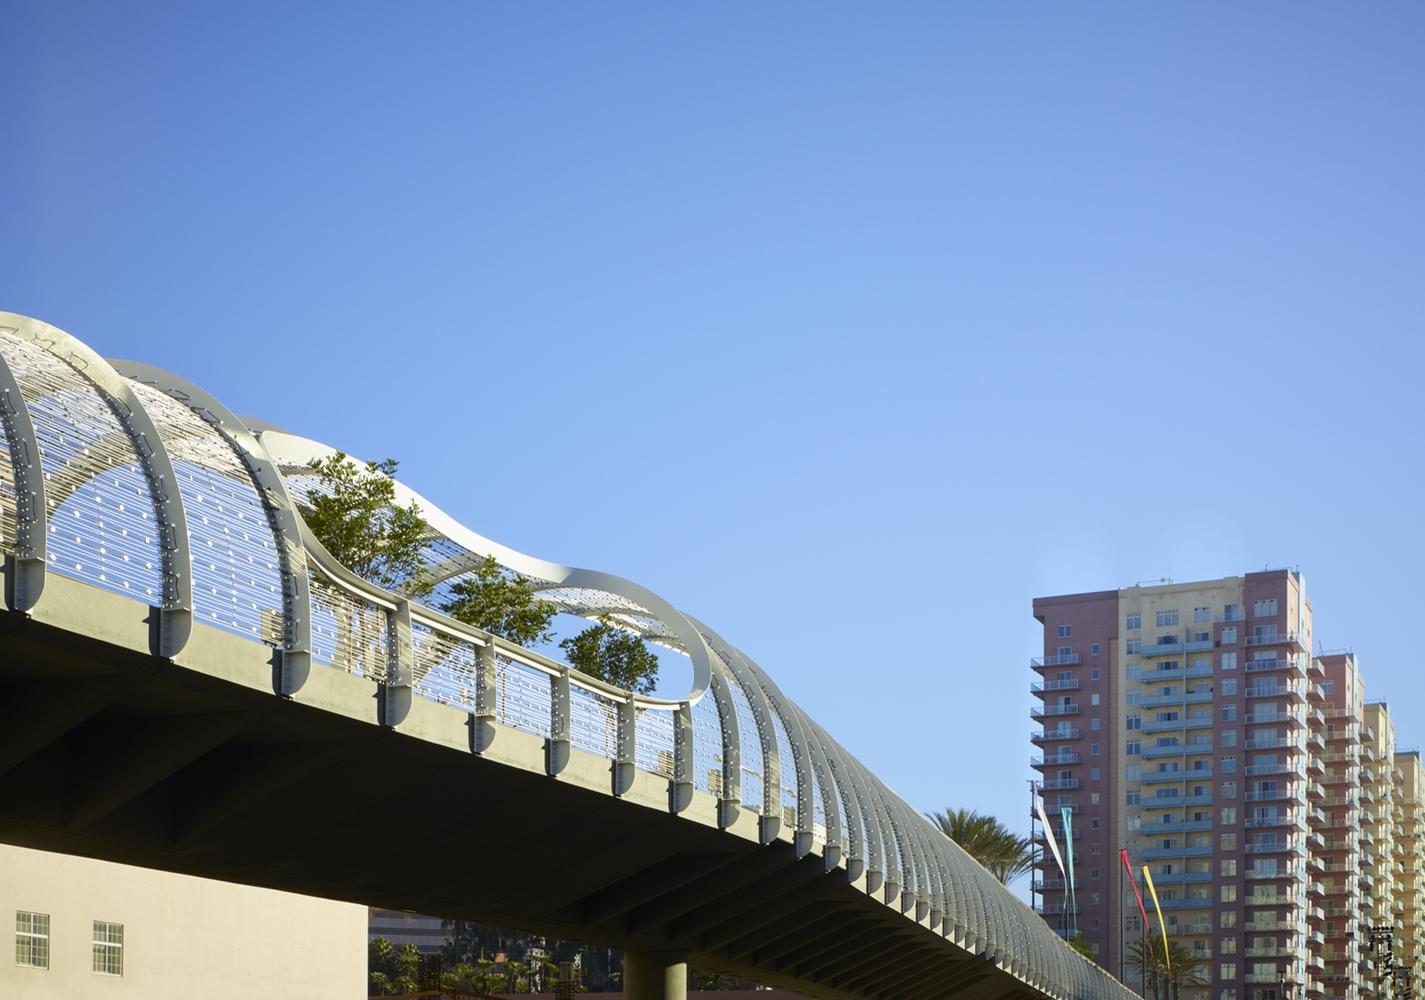 izgled pešačkog mosta